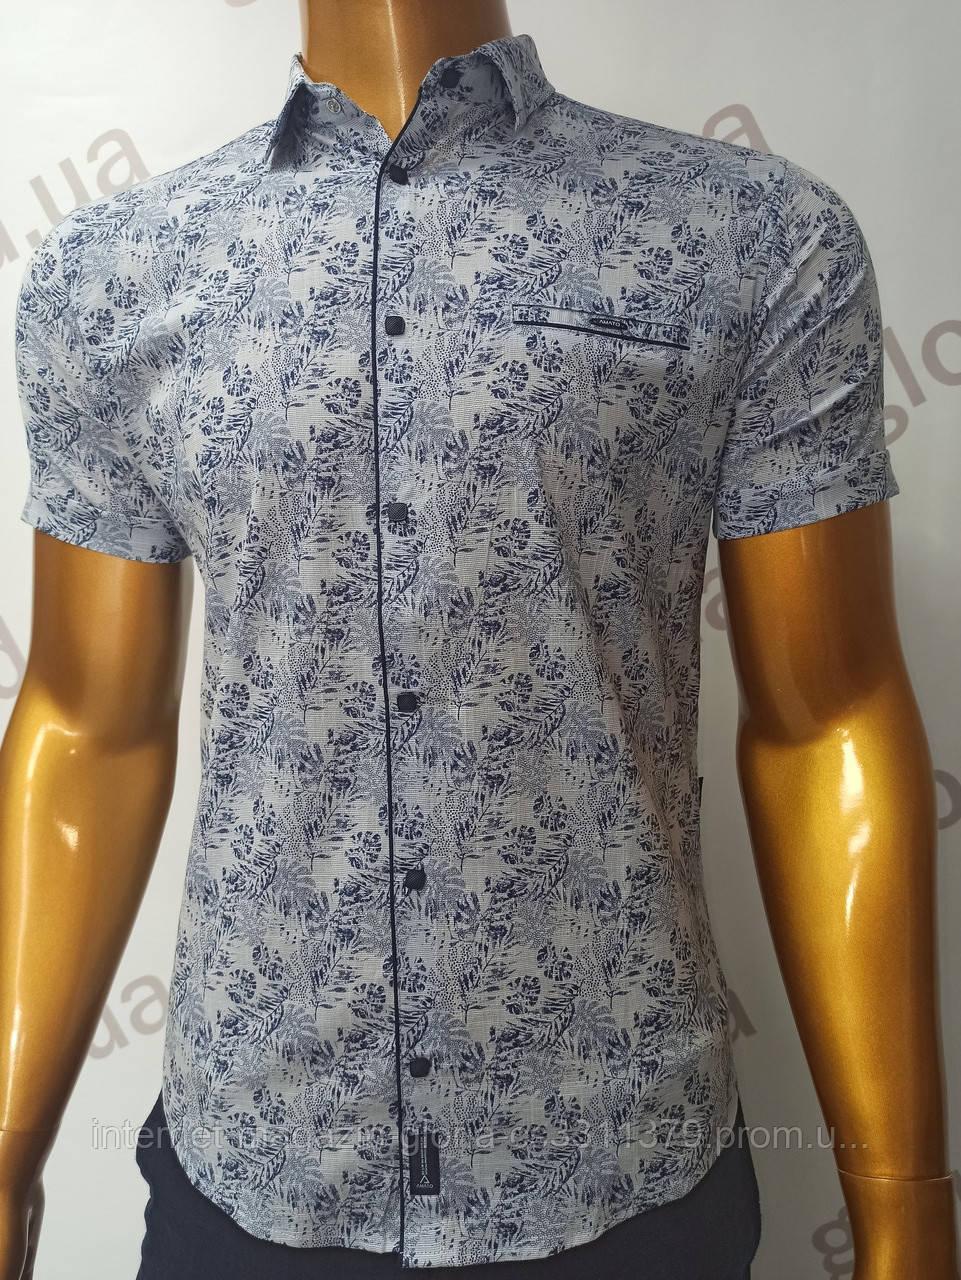 Мужская рубашка Amato. AG.19885(g). Размеры:M,L,XL, 2XL.